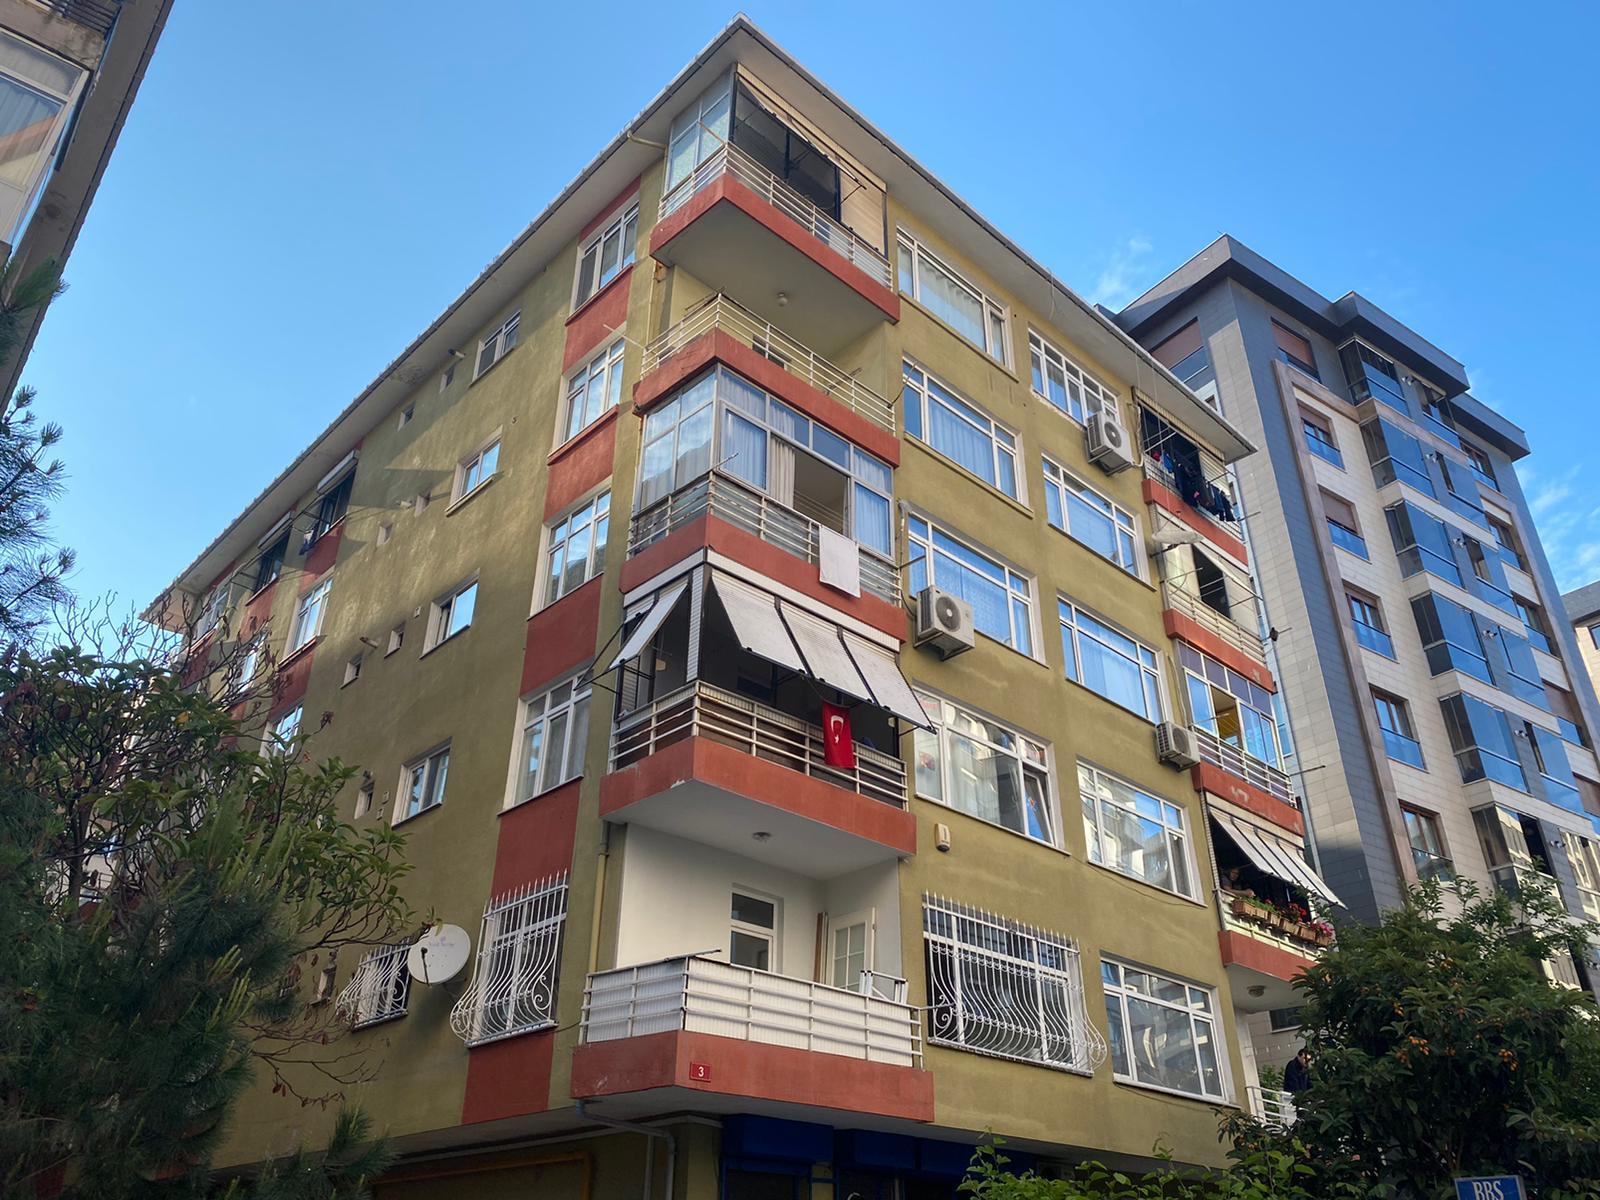 Kadıköy'de kadın cinayeti! Eşini boğarak öldürdü